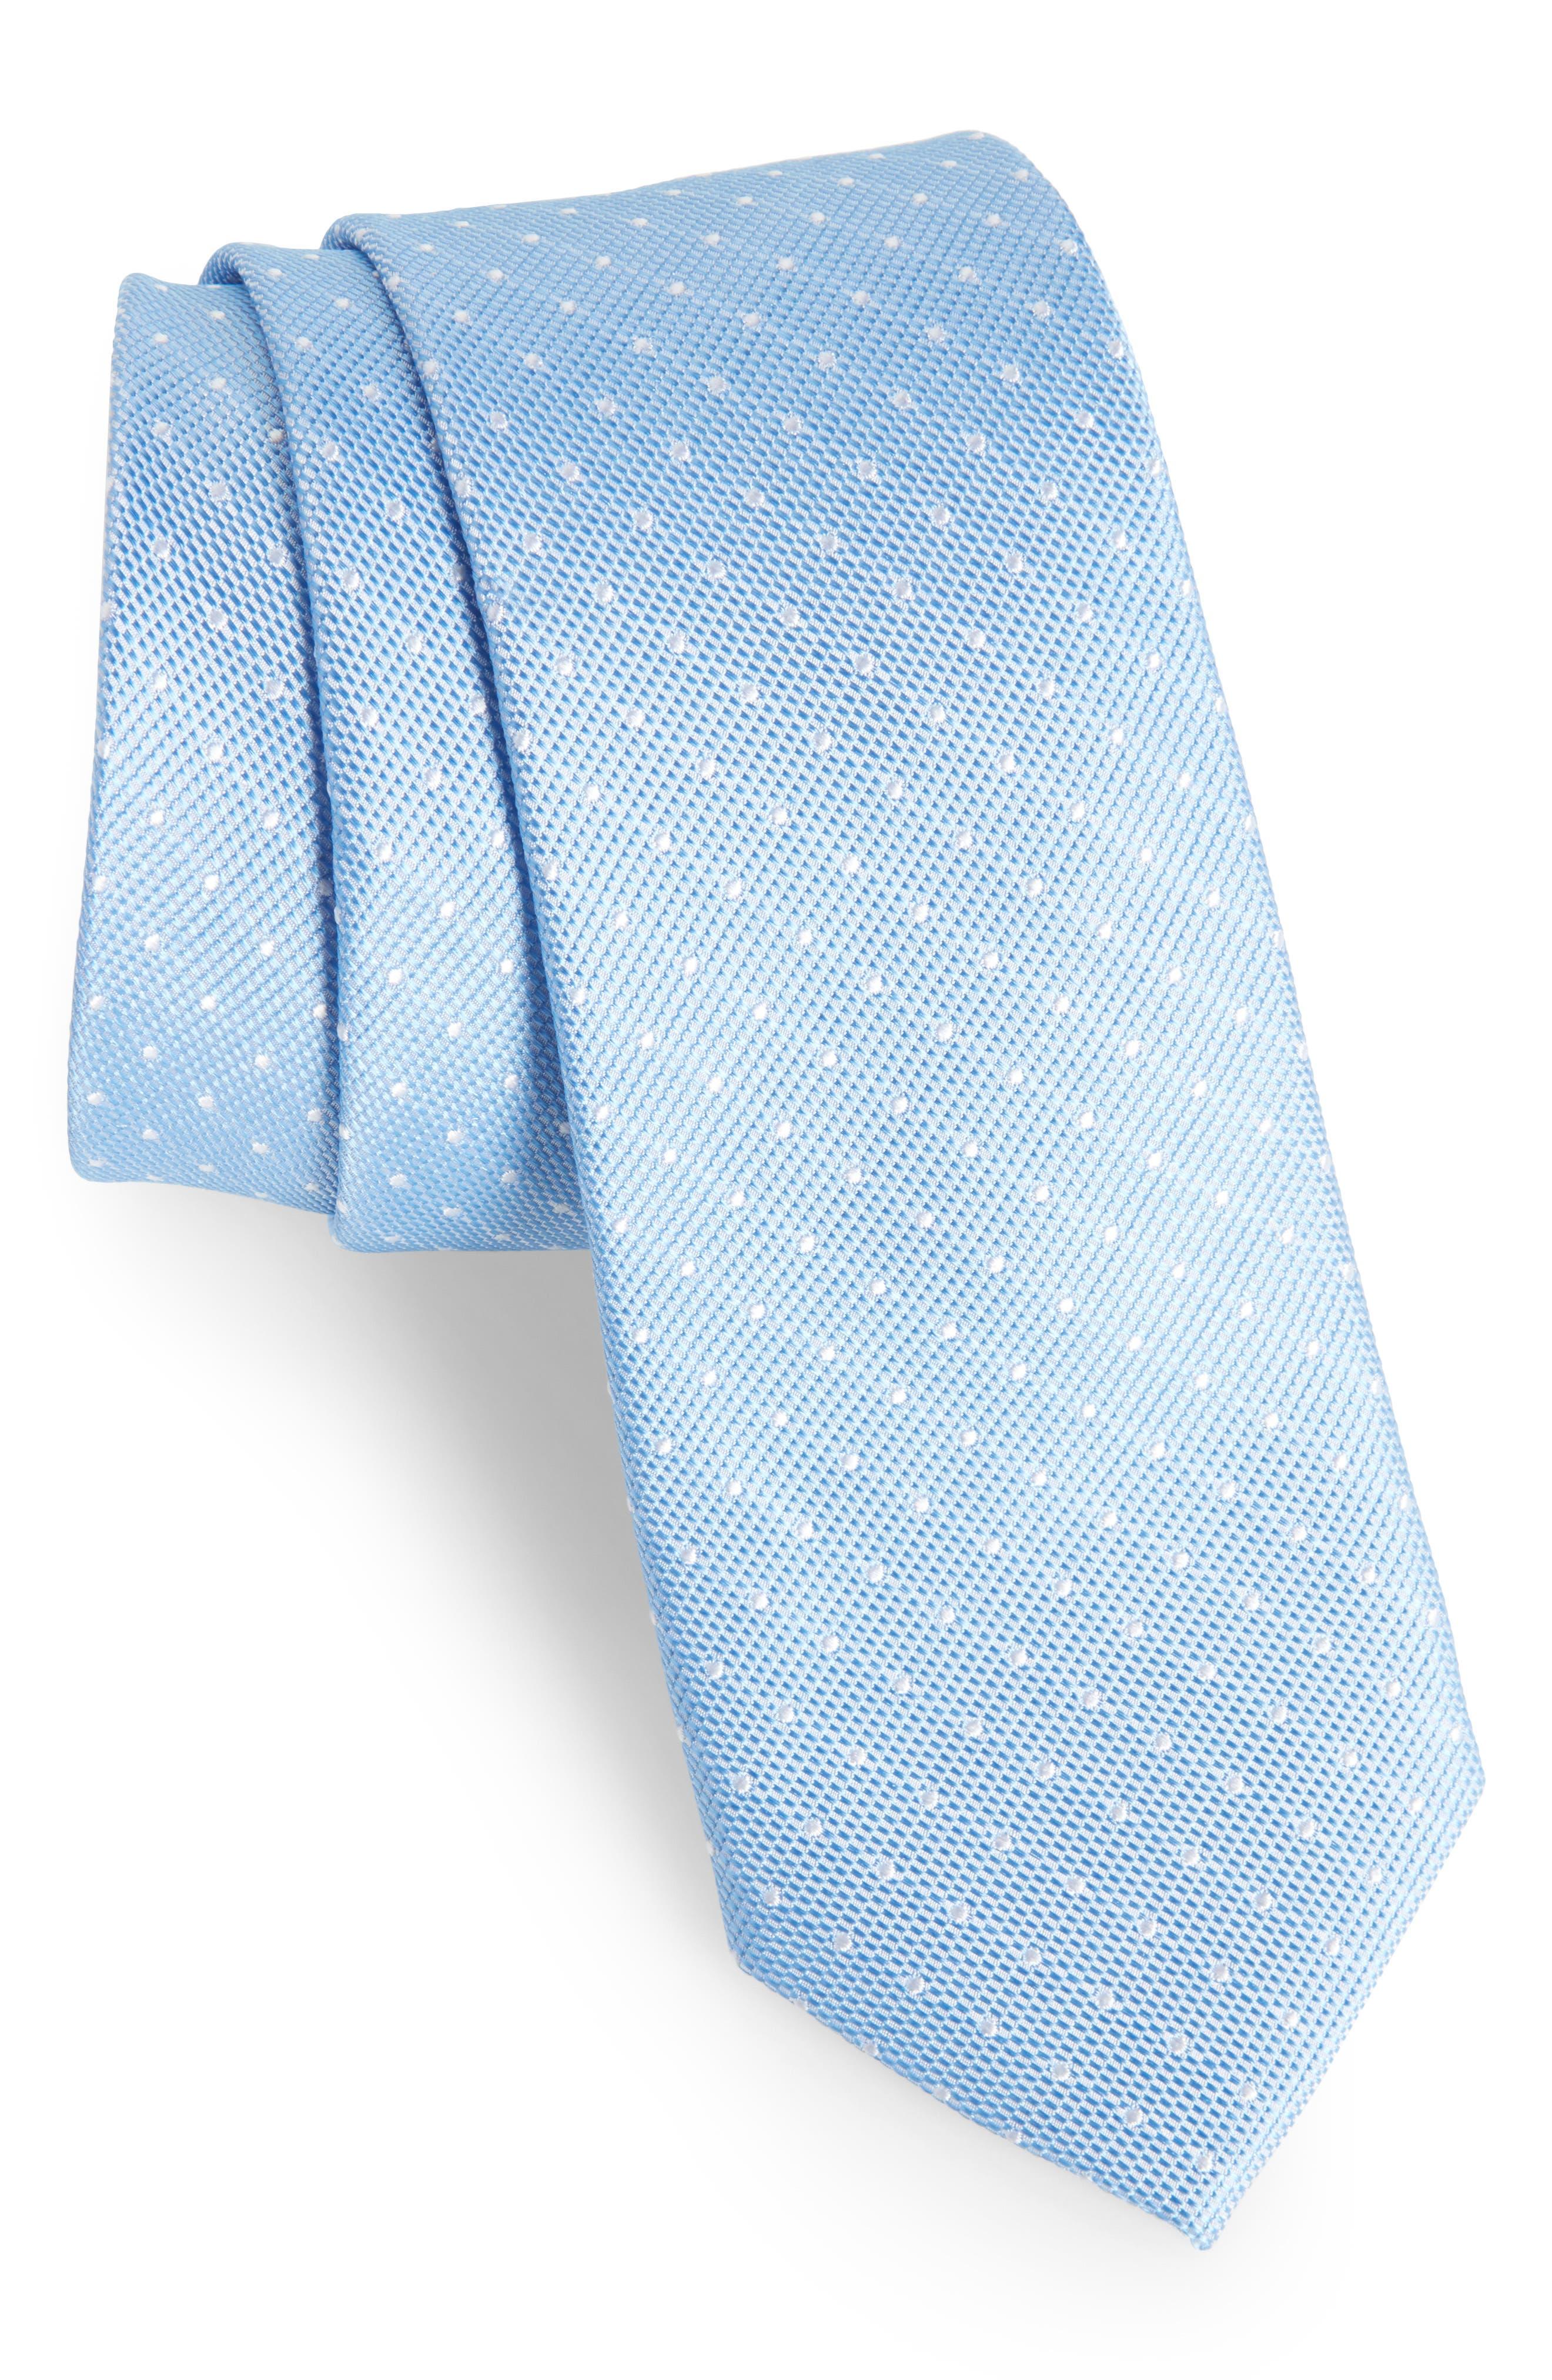 Paseo Dot Silk Skinny Tie,                             Main thumbnail 1, color,                             400